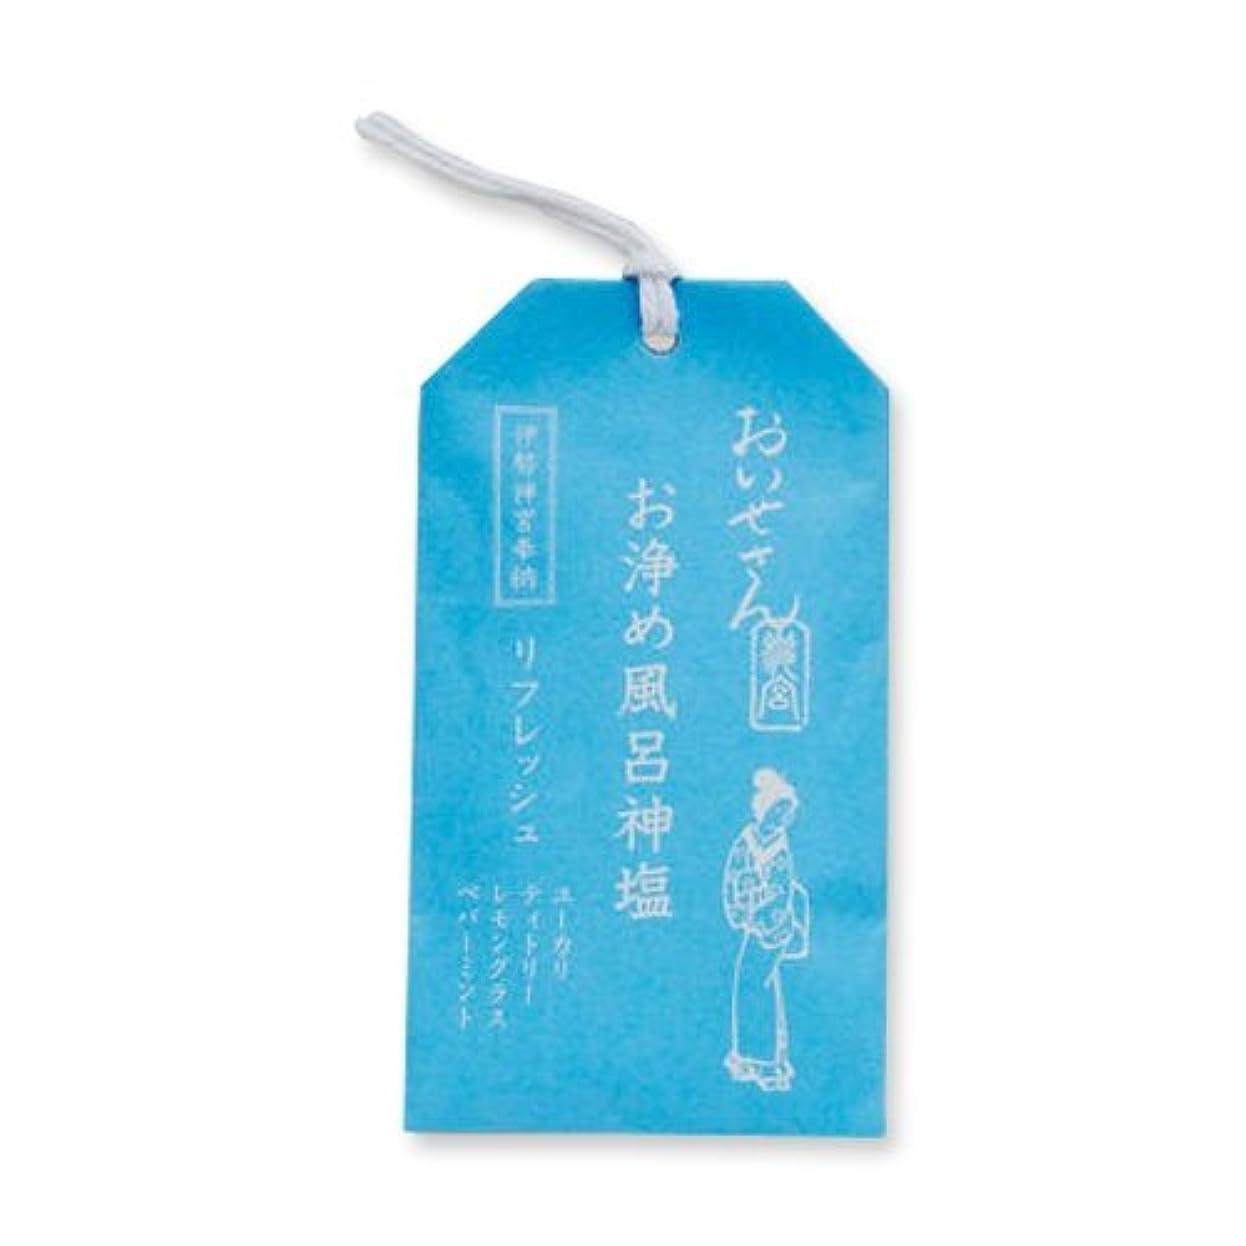 カンガルーうんざりペイントおいせさん お浄め風呂神塩 バス用ソルト(リフレッシュ) 20g